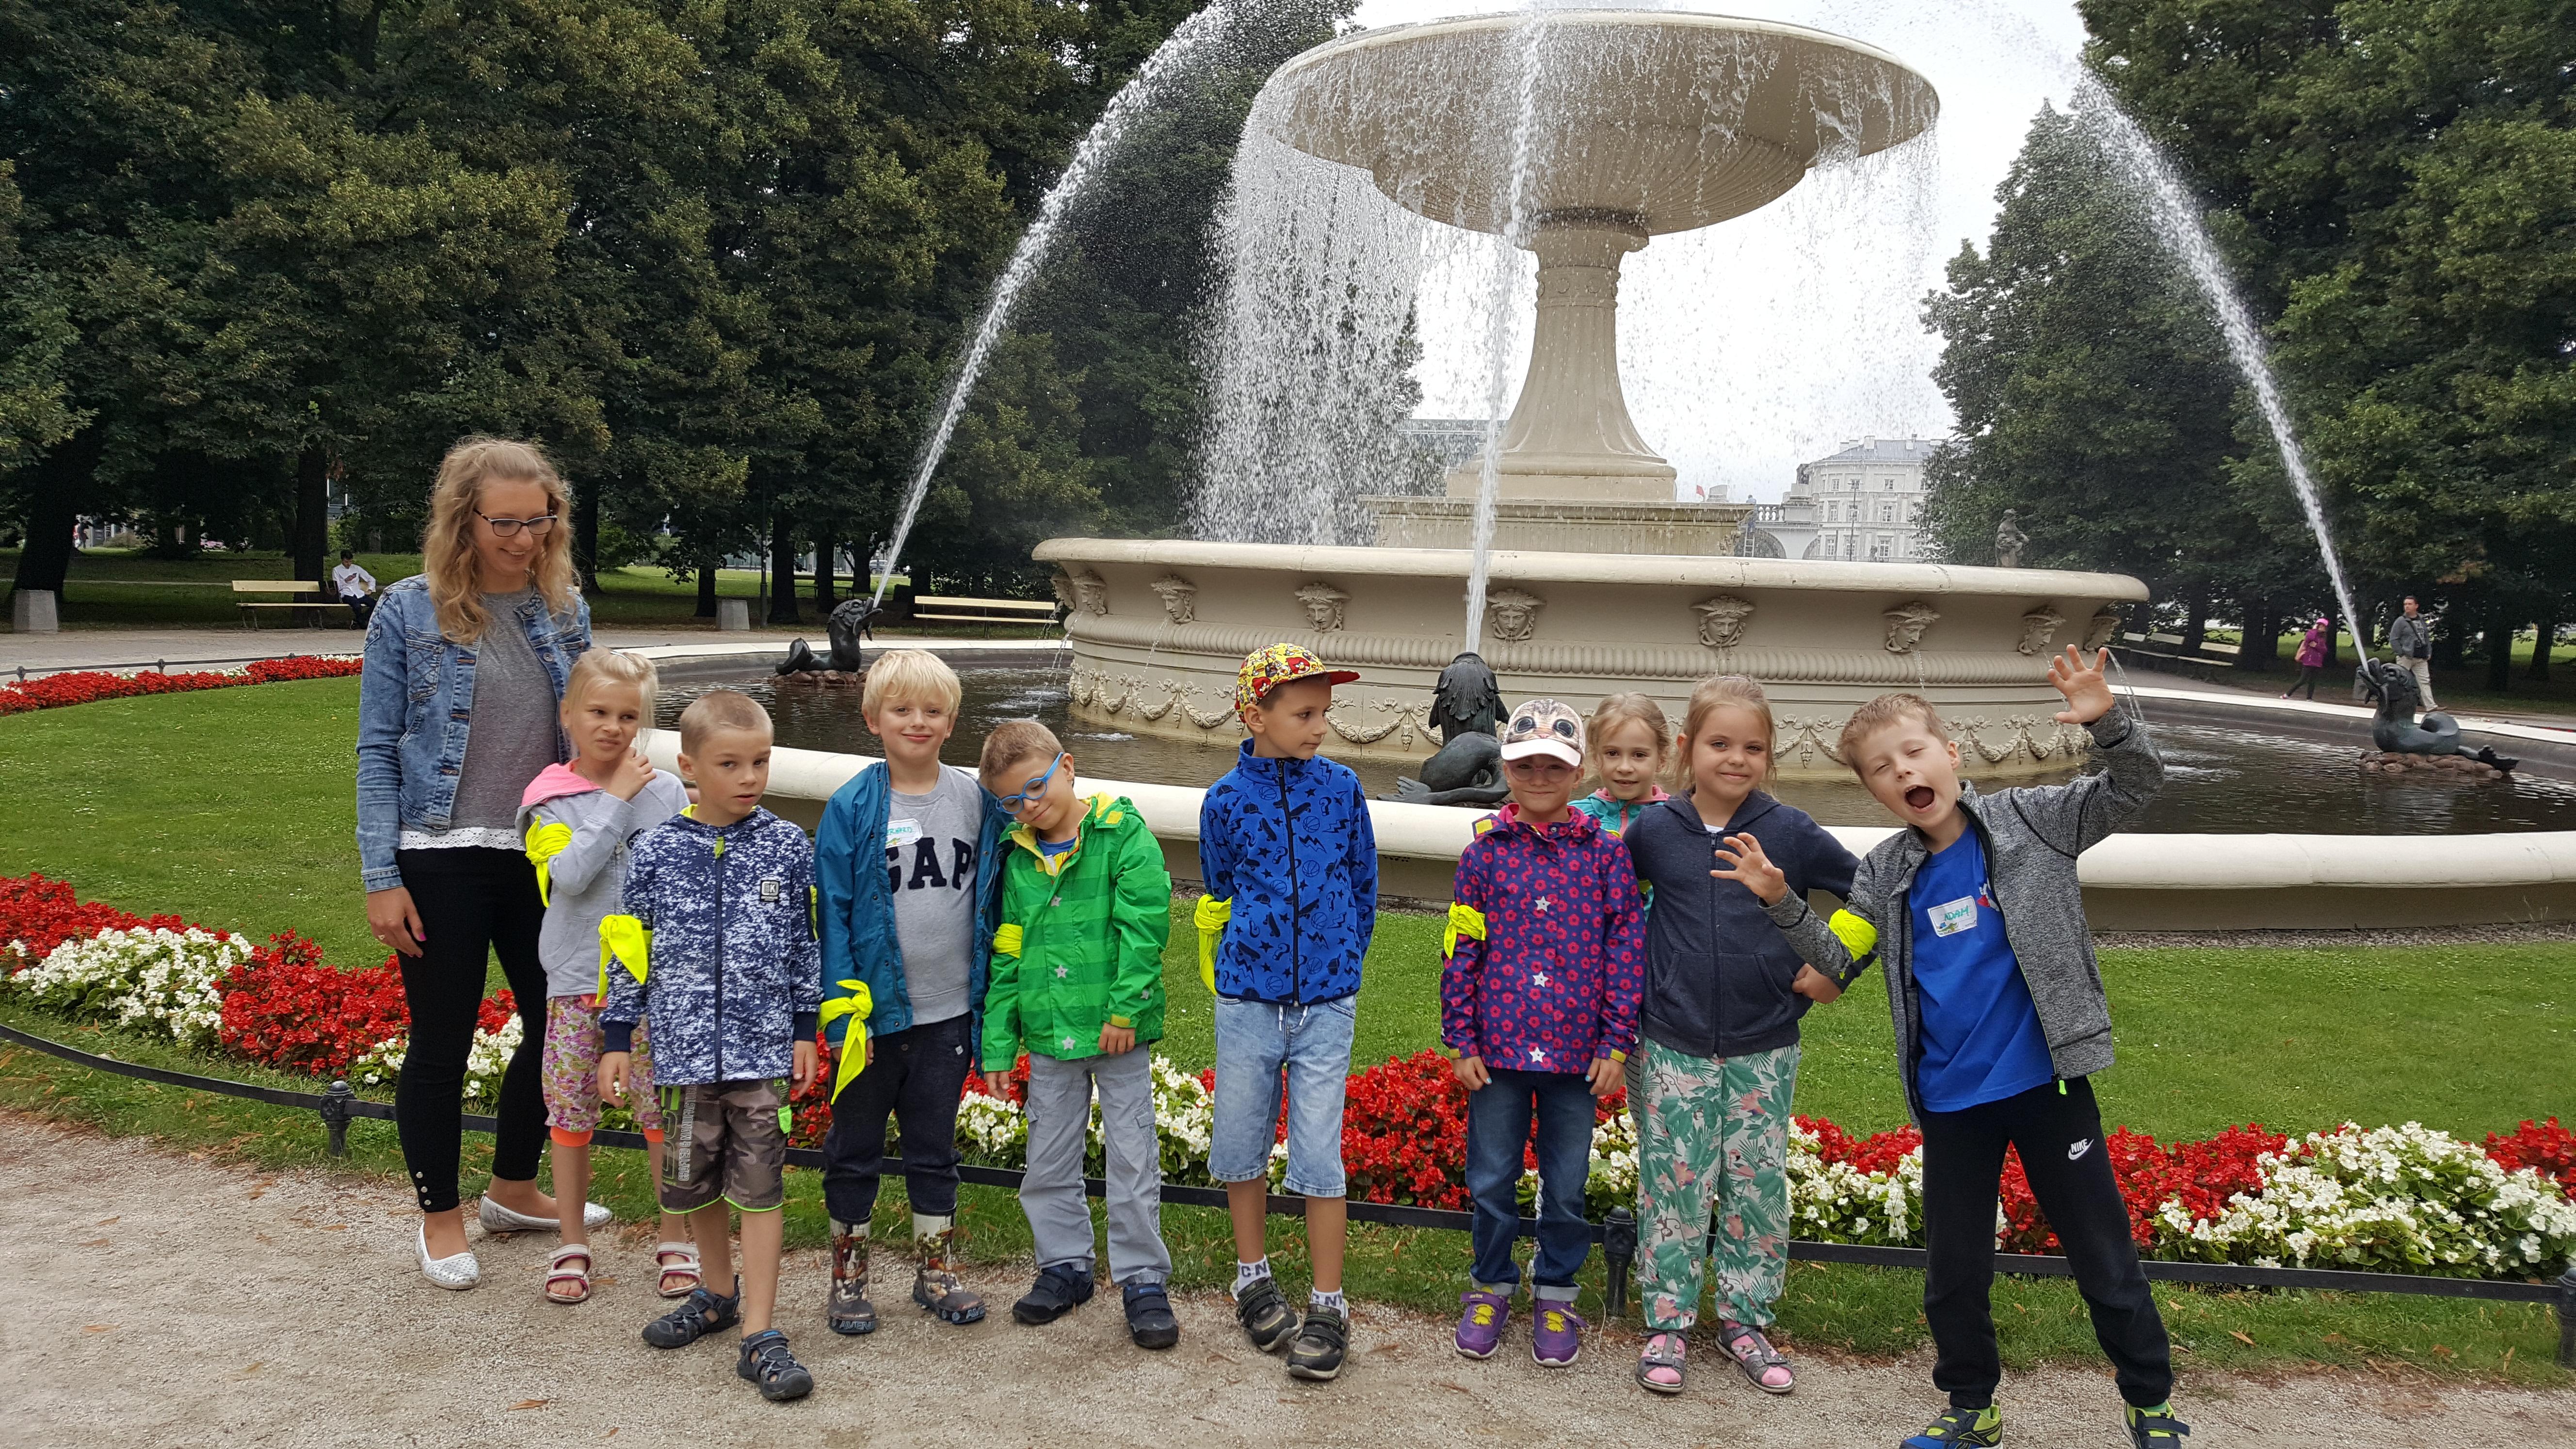 archibald kids polkolonie